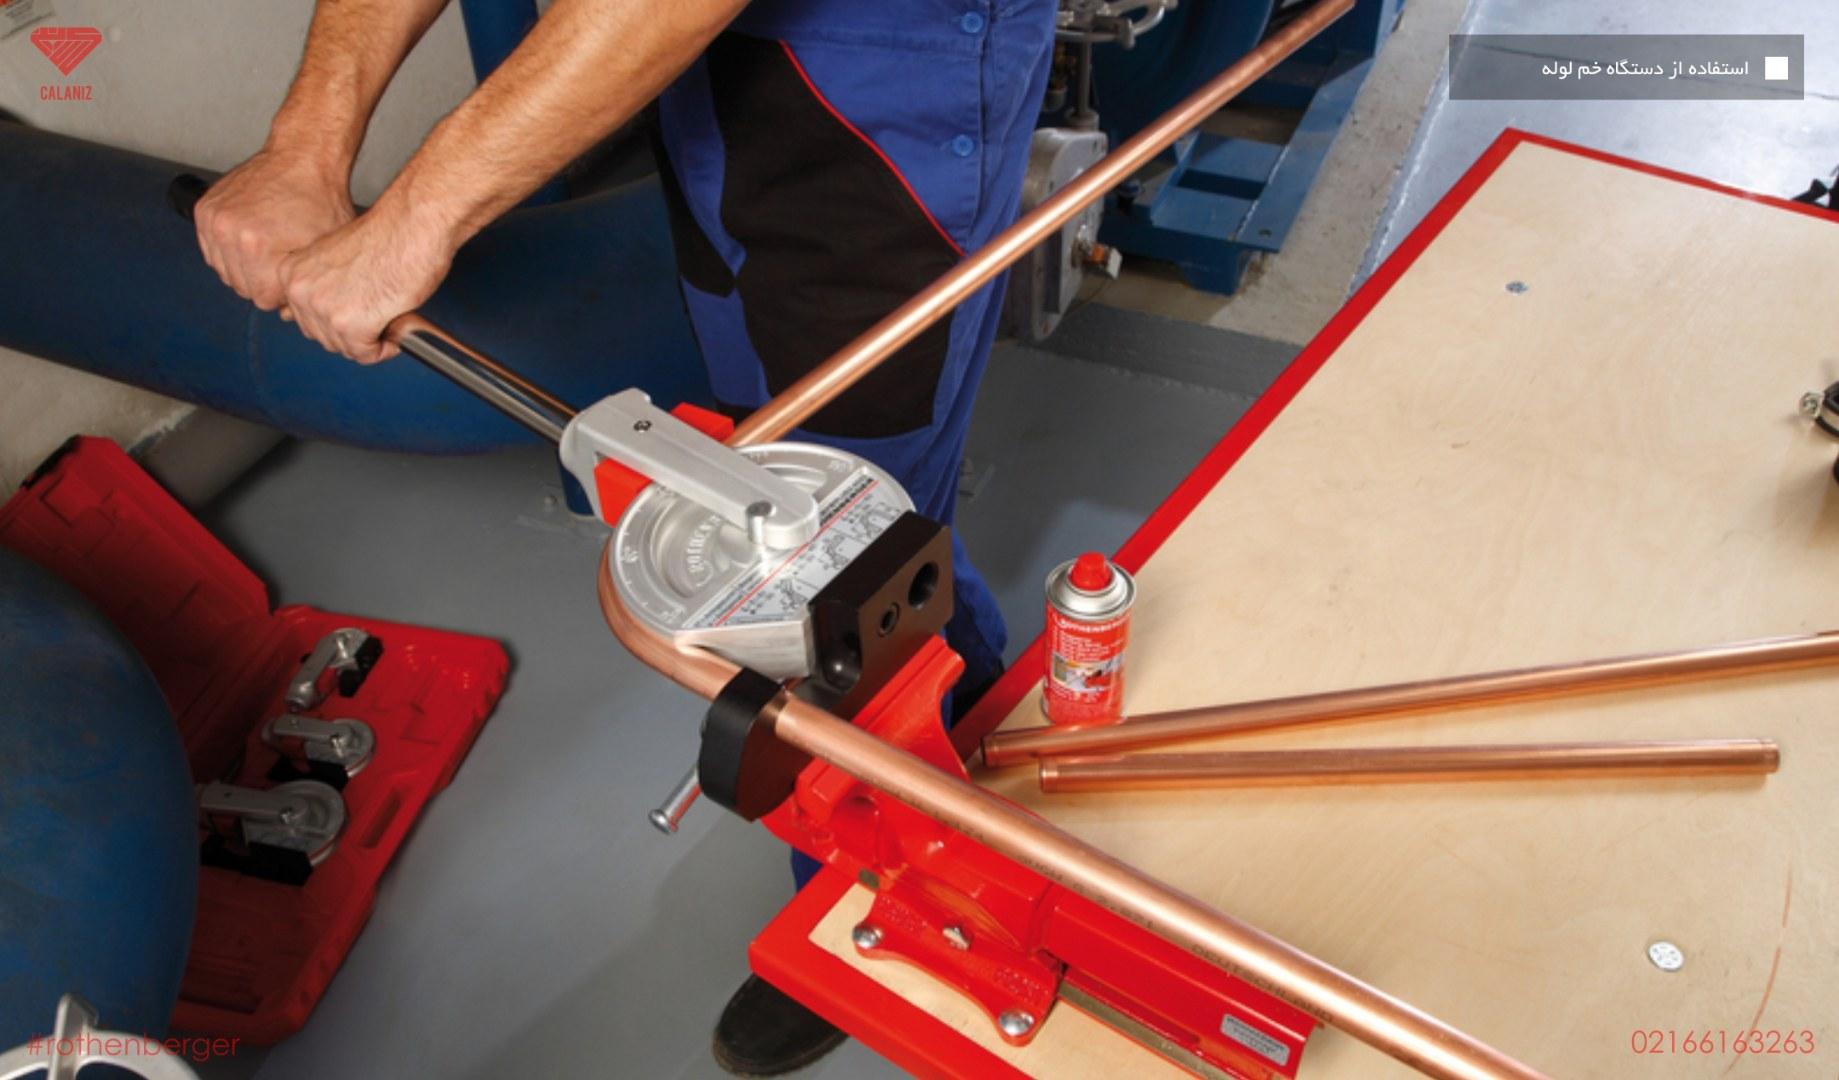 دستگاه لوله خم کن روتنبرگر - کالانیز